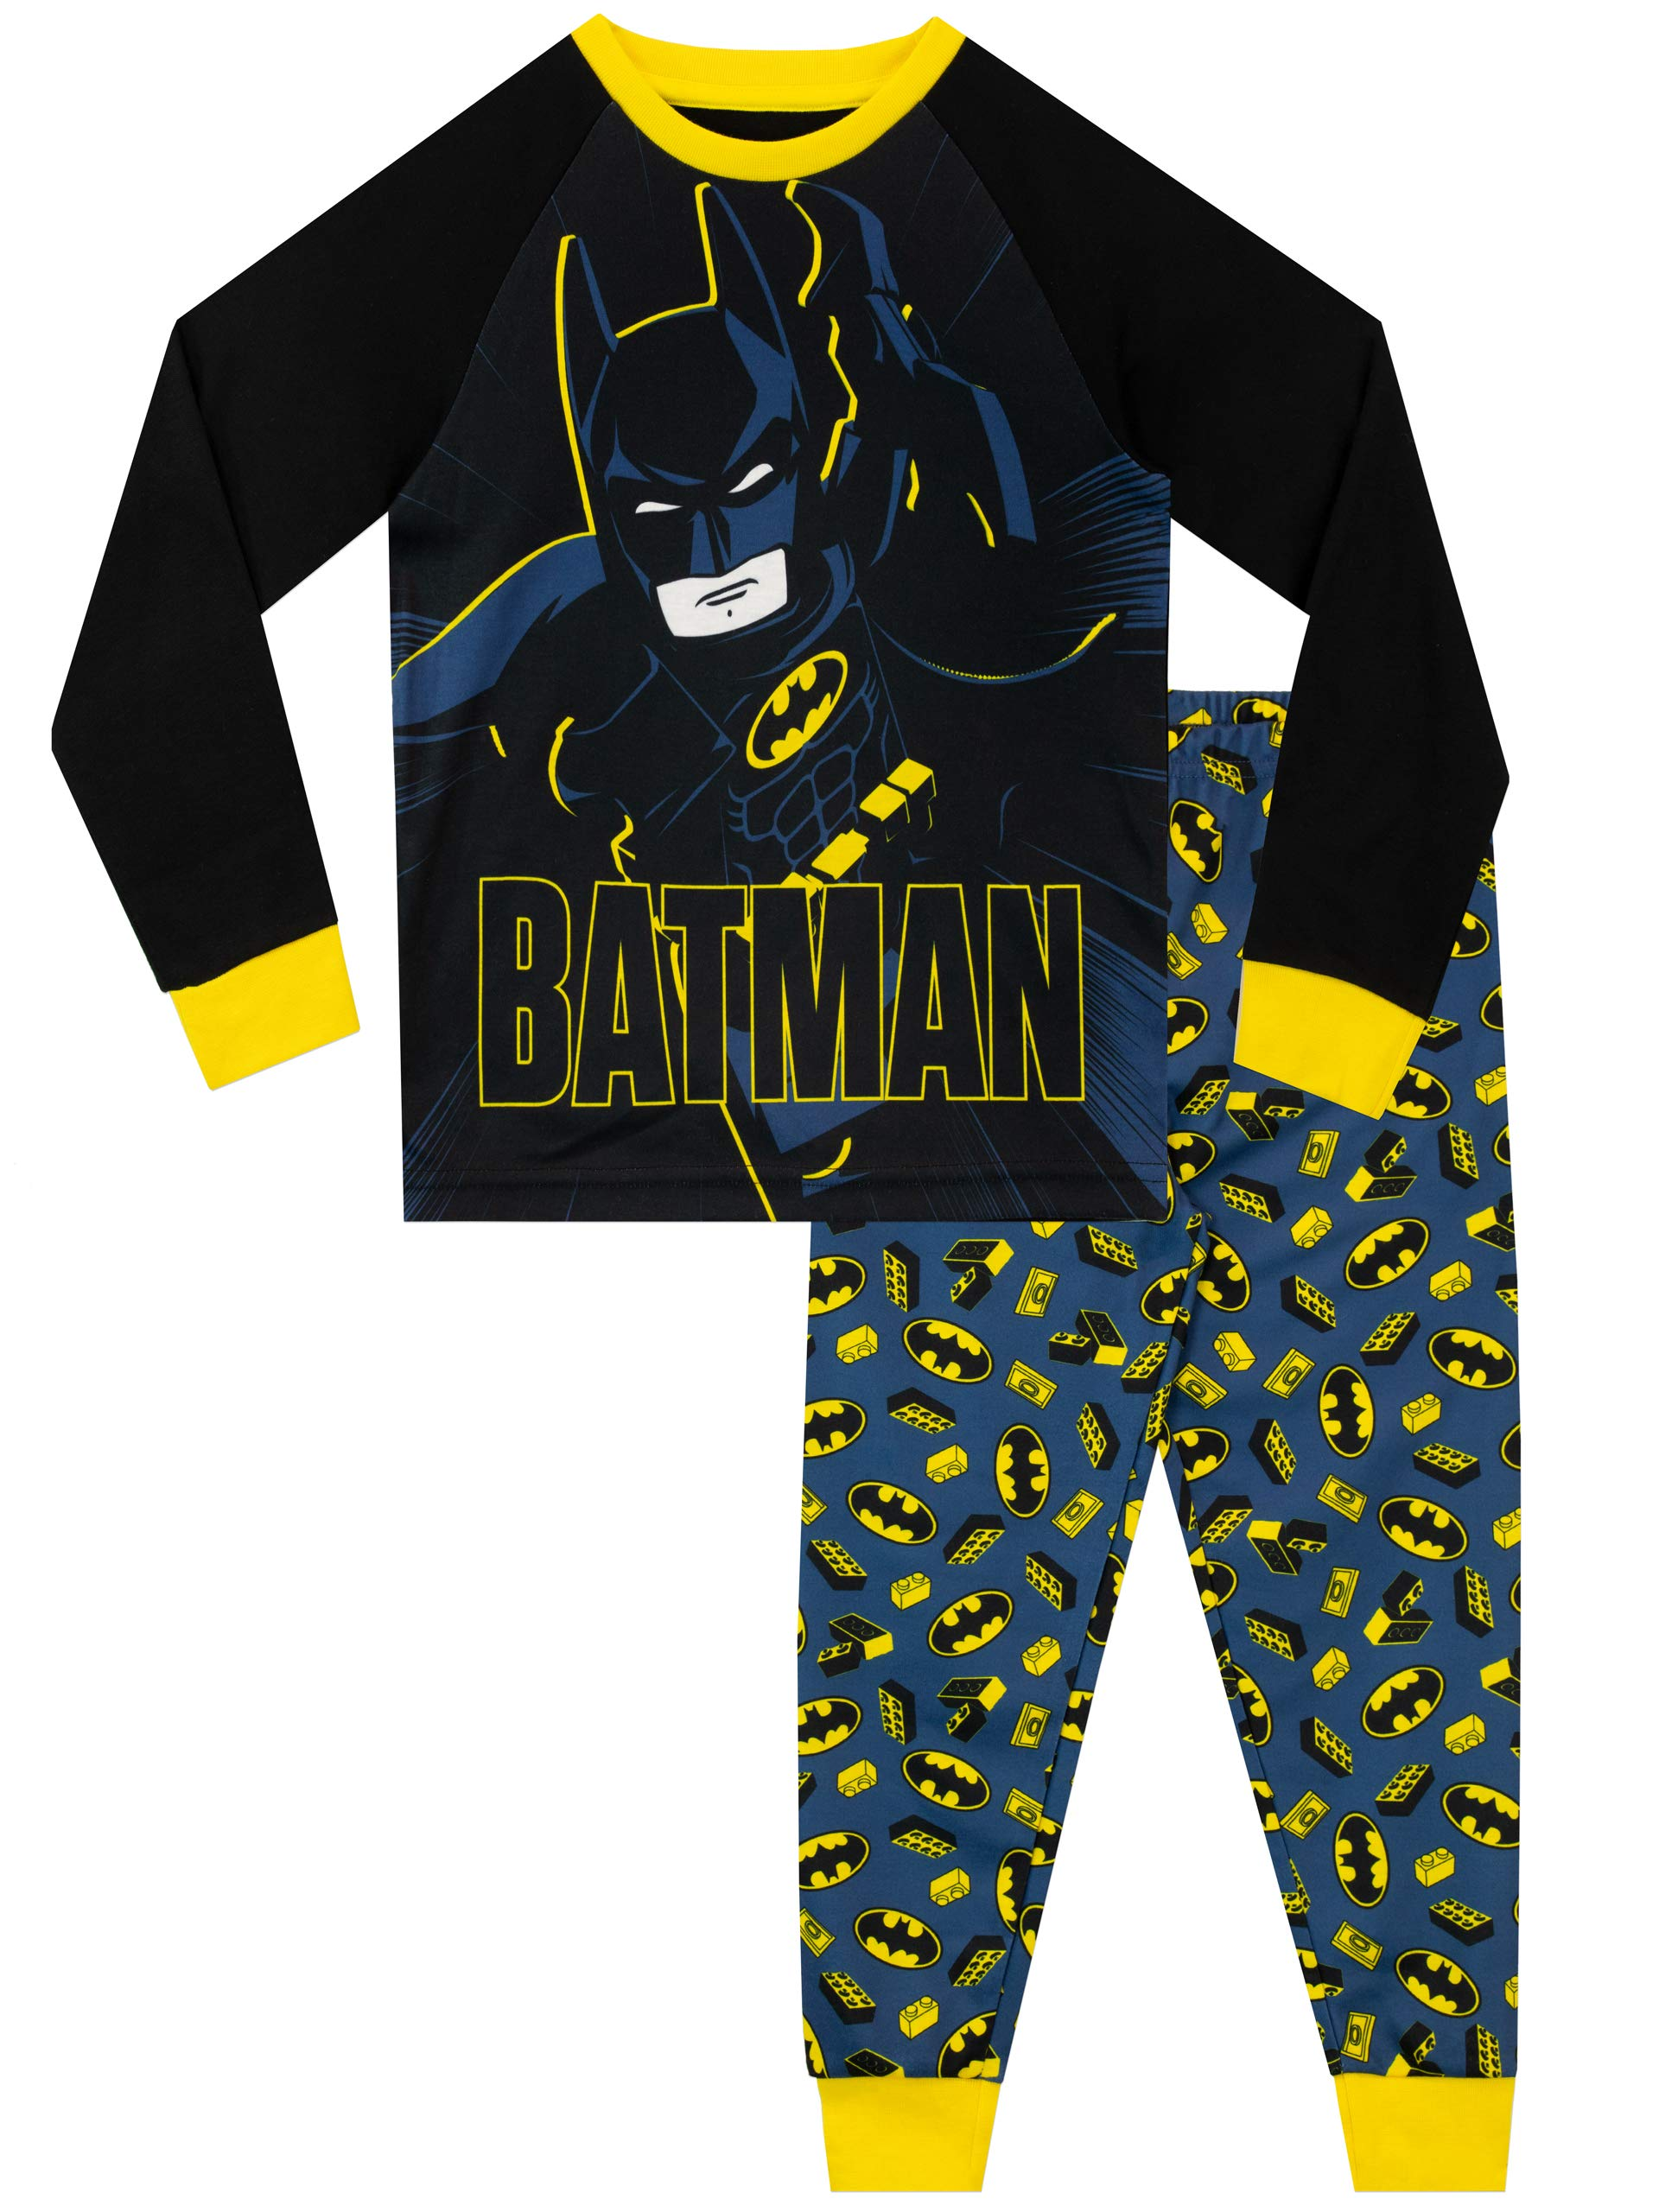 Pijama de Batman para niños LEGO